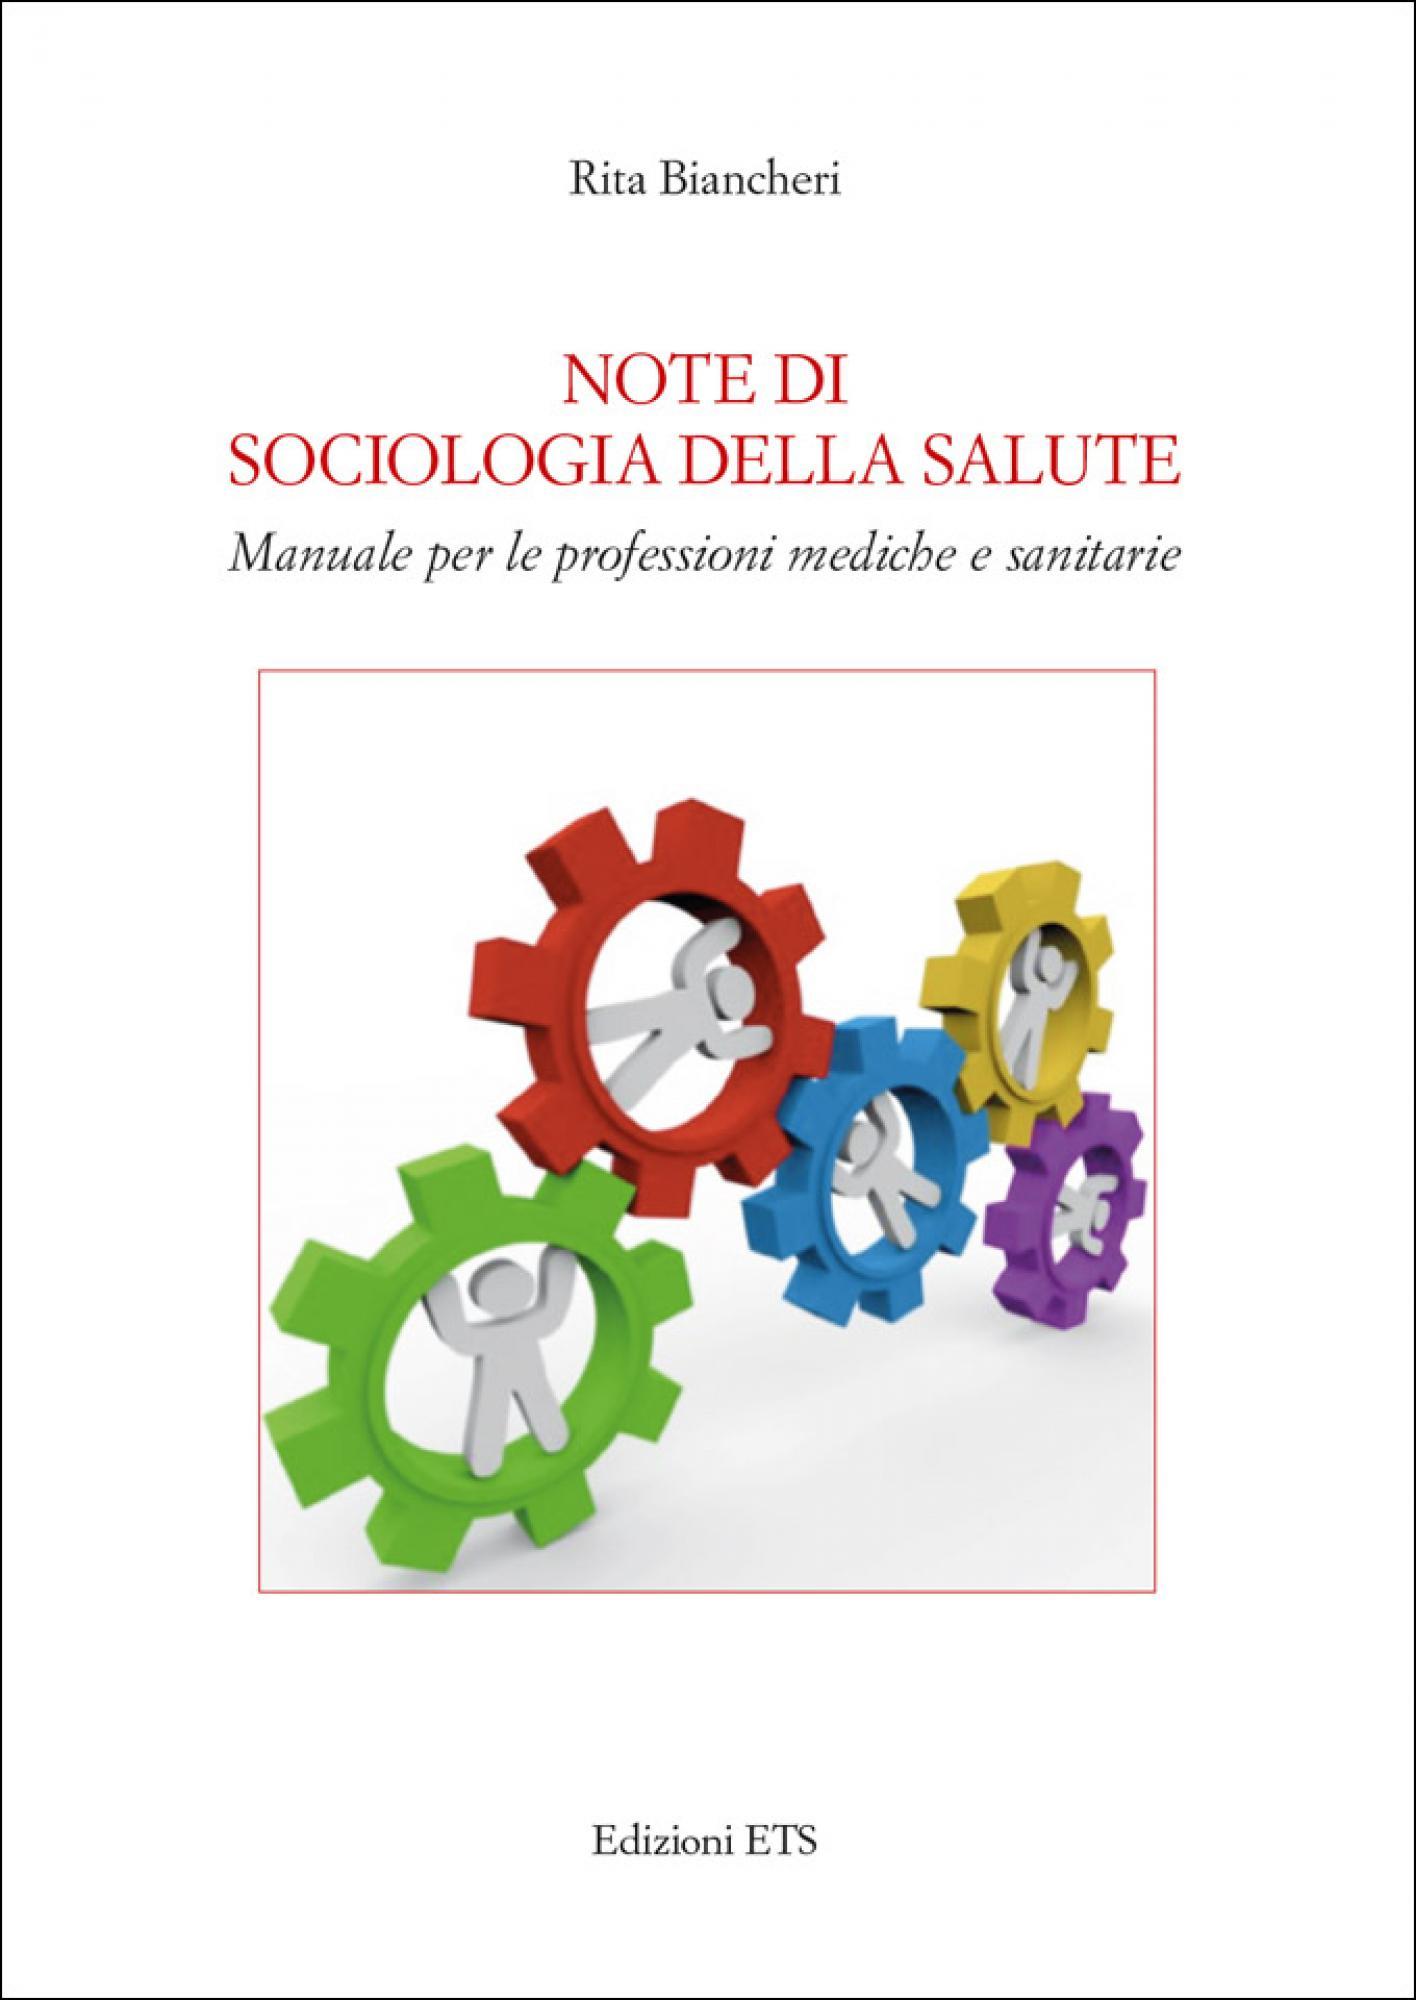 Note di sociologia della salute.Manuale per le professioni mediche e sanitarie